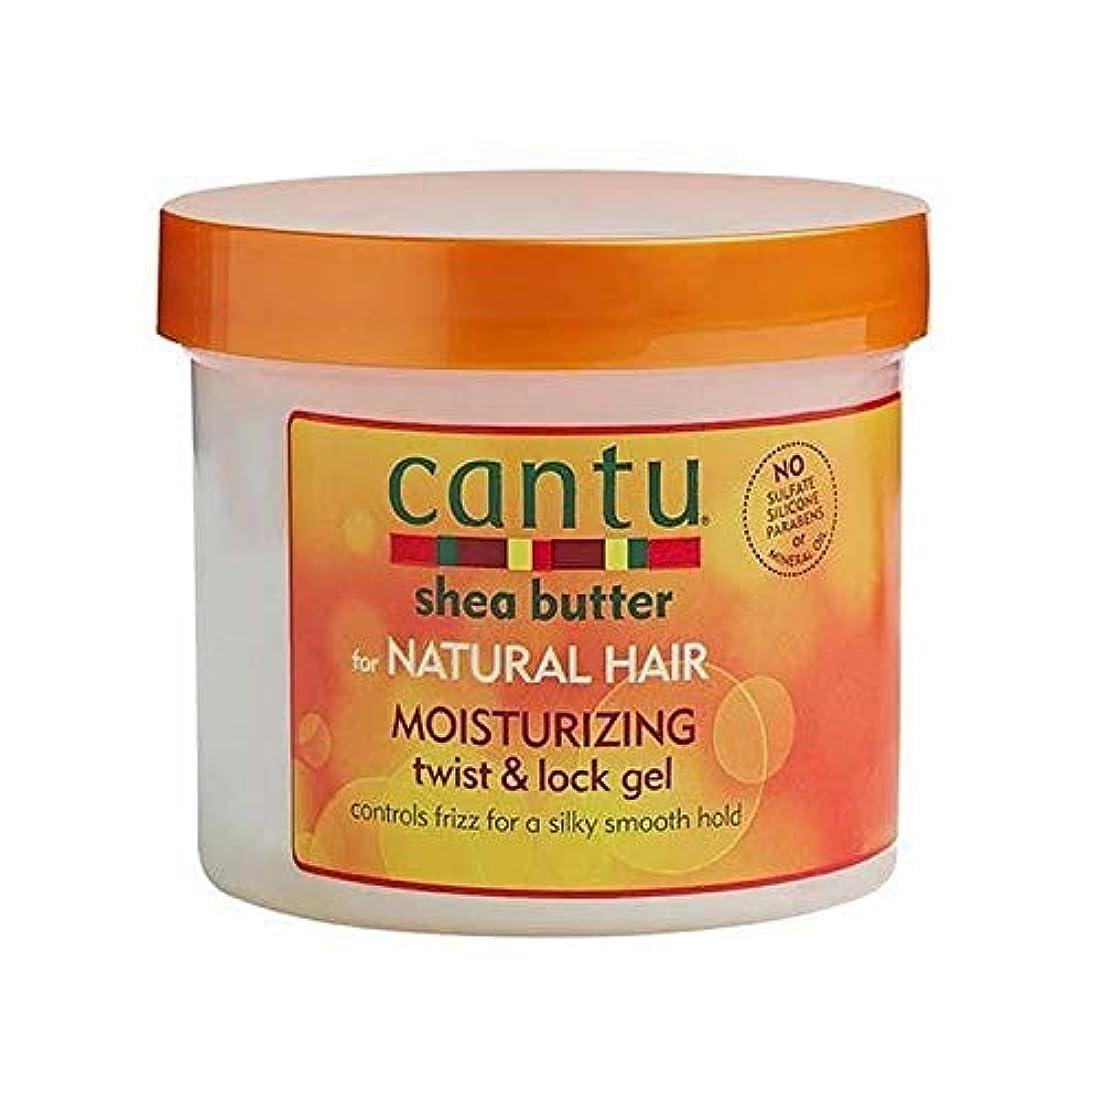 冷蔵庫道徳の皮[Cantu ] 自然な髪のツイスト&ロックゲル370グラムのためのカントゥ - Cantu for Natural Hair Twist & Lock Gel 370g [並行輸入品]